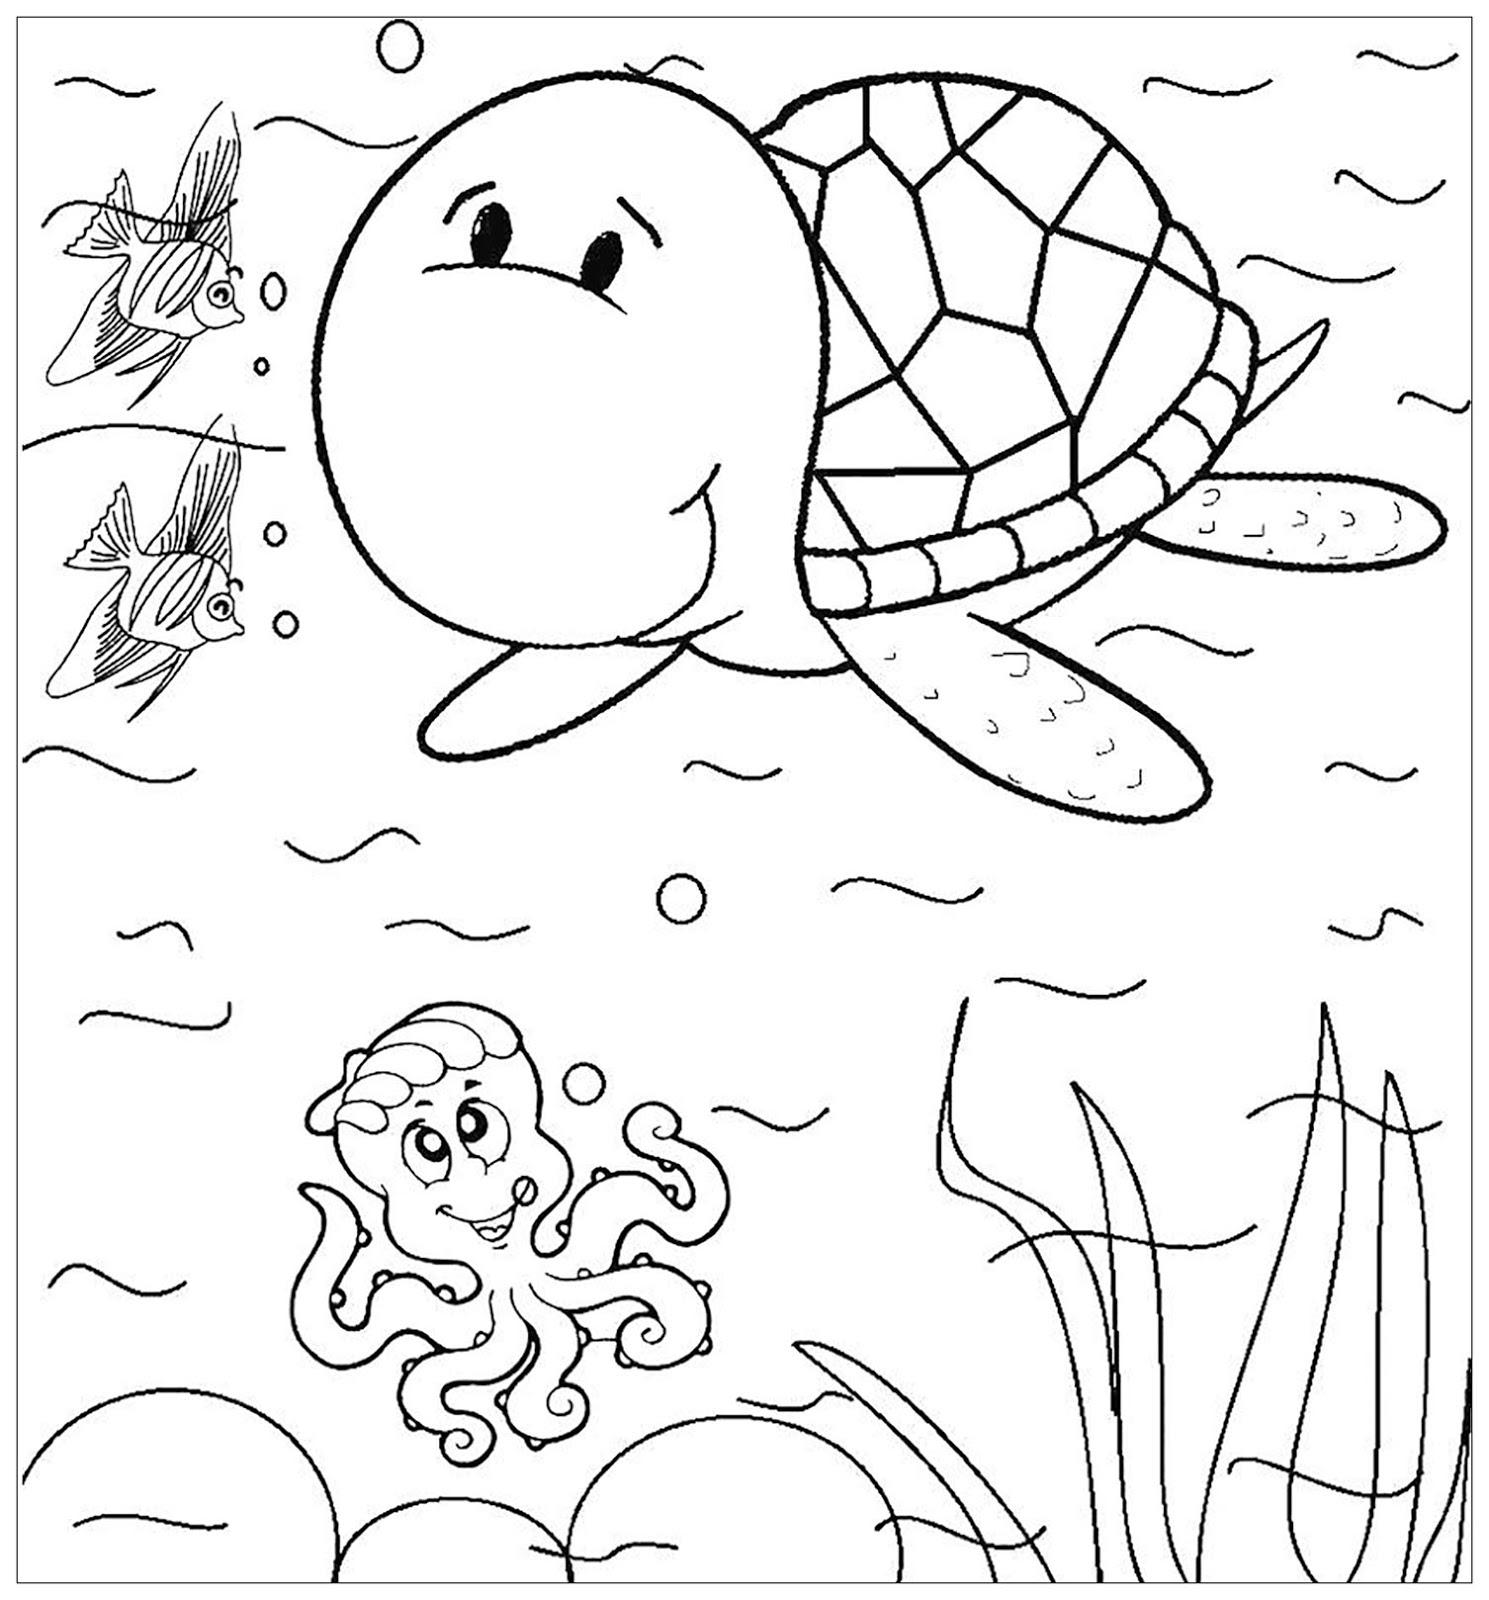 Tranh cho bé tô màu con rùa đang bơi